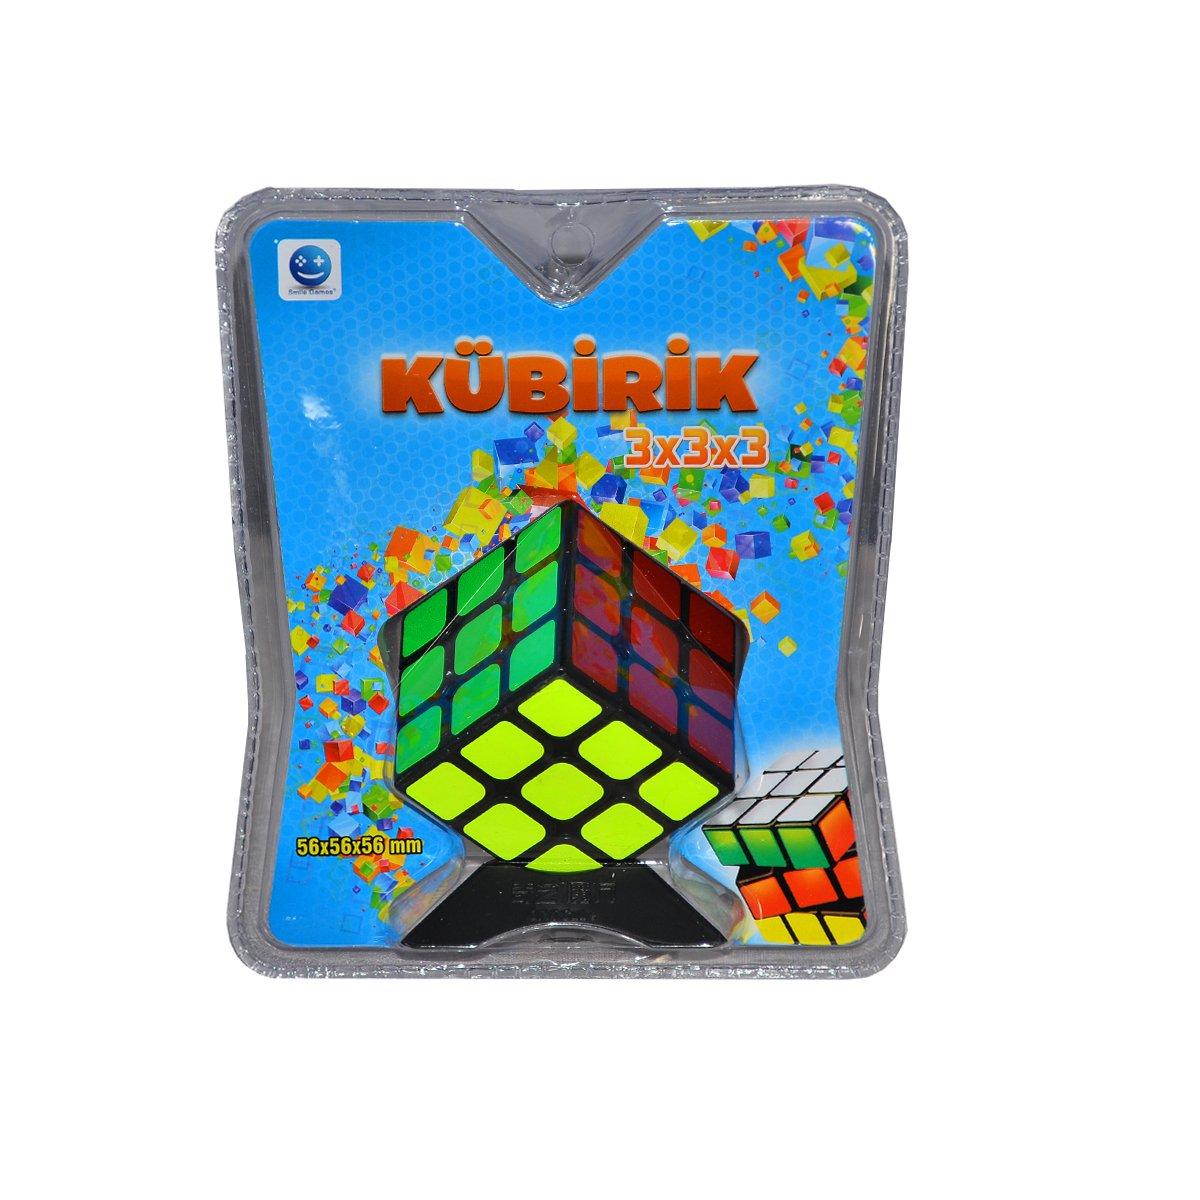 Sunman Kübirik 3'lü Zeka Küpü Rubik Magic Cube Sabır Küp 3x3x3